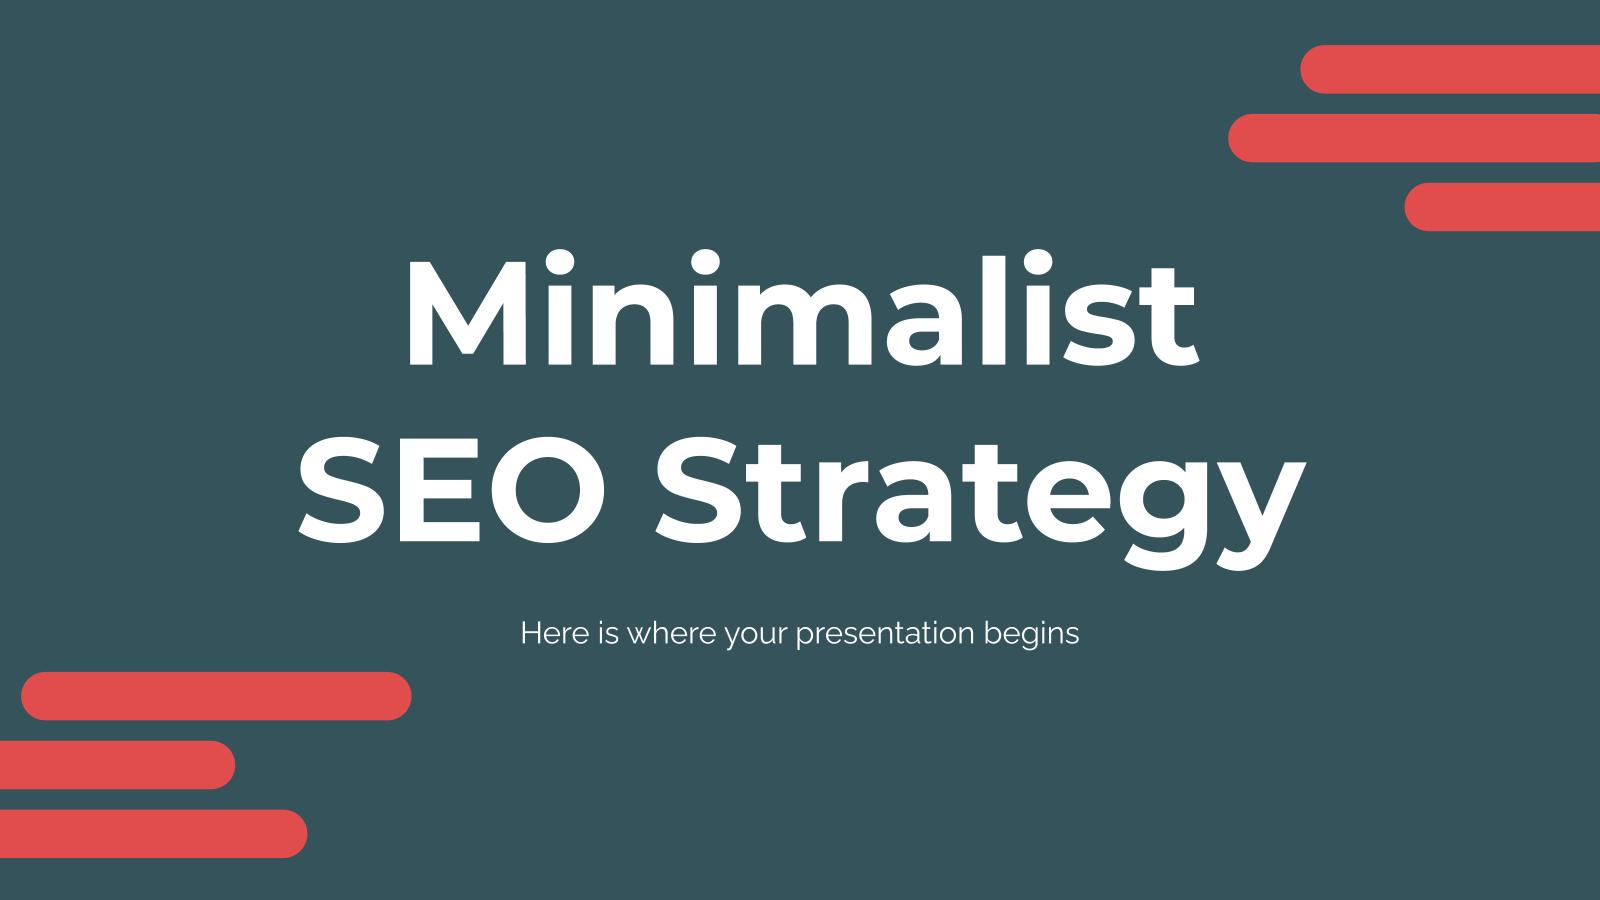 Stratégie SEO minimaliste : Modèles de présentation